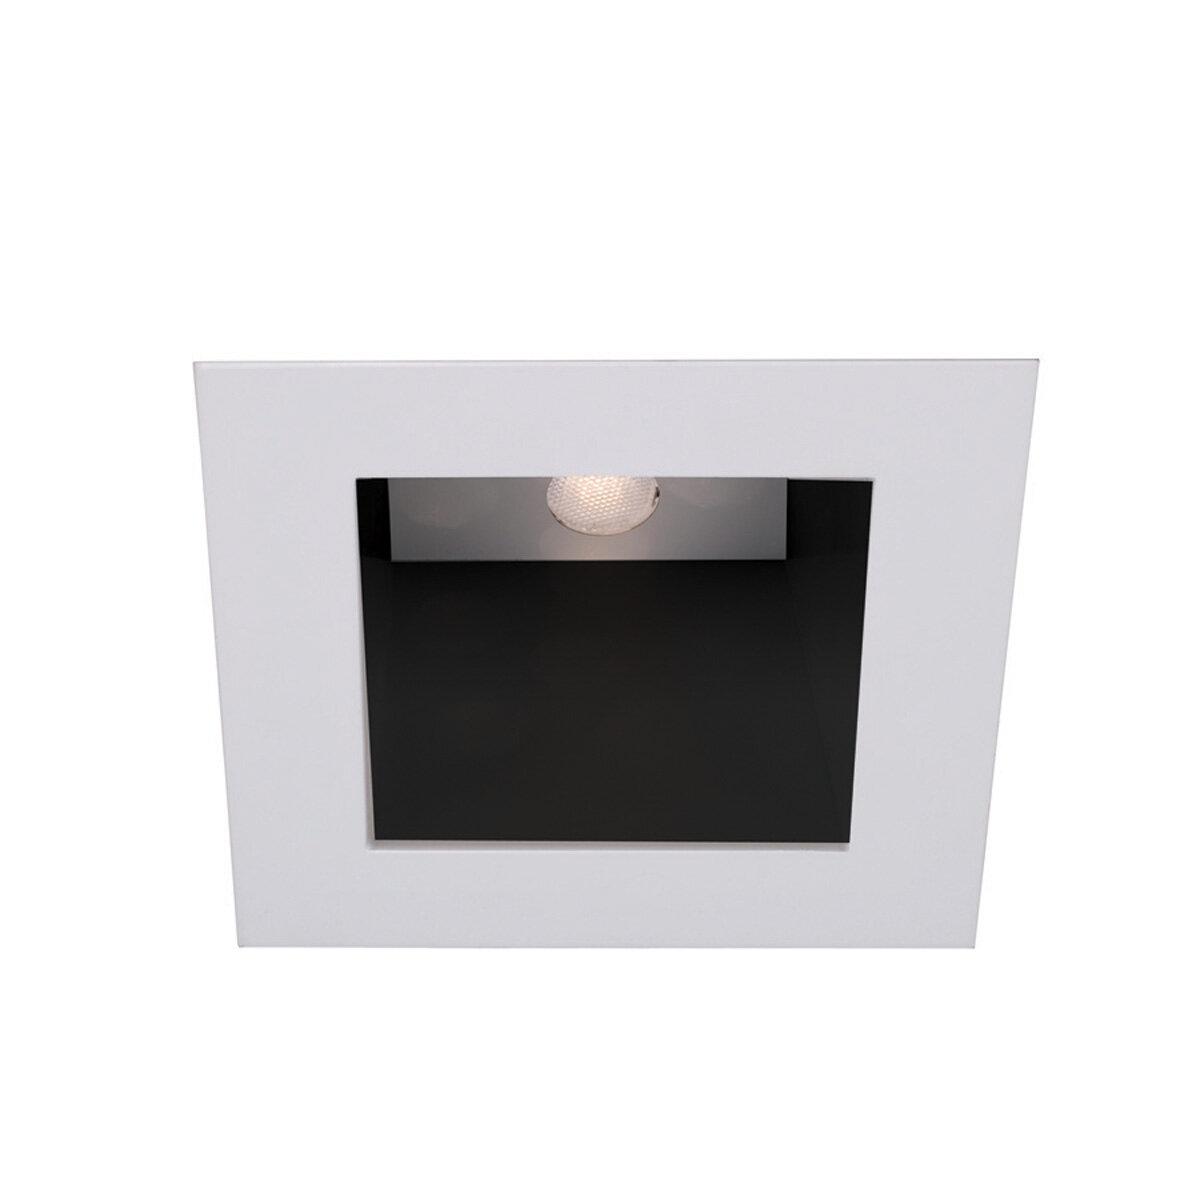 Led Recessed Lighting Square Trim : Wac lighting ledme square quot recessed trim